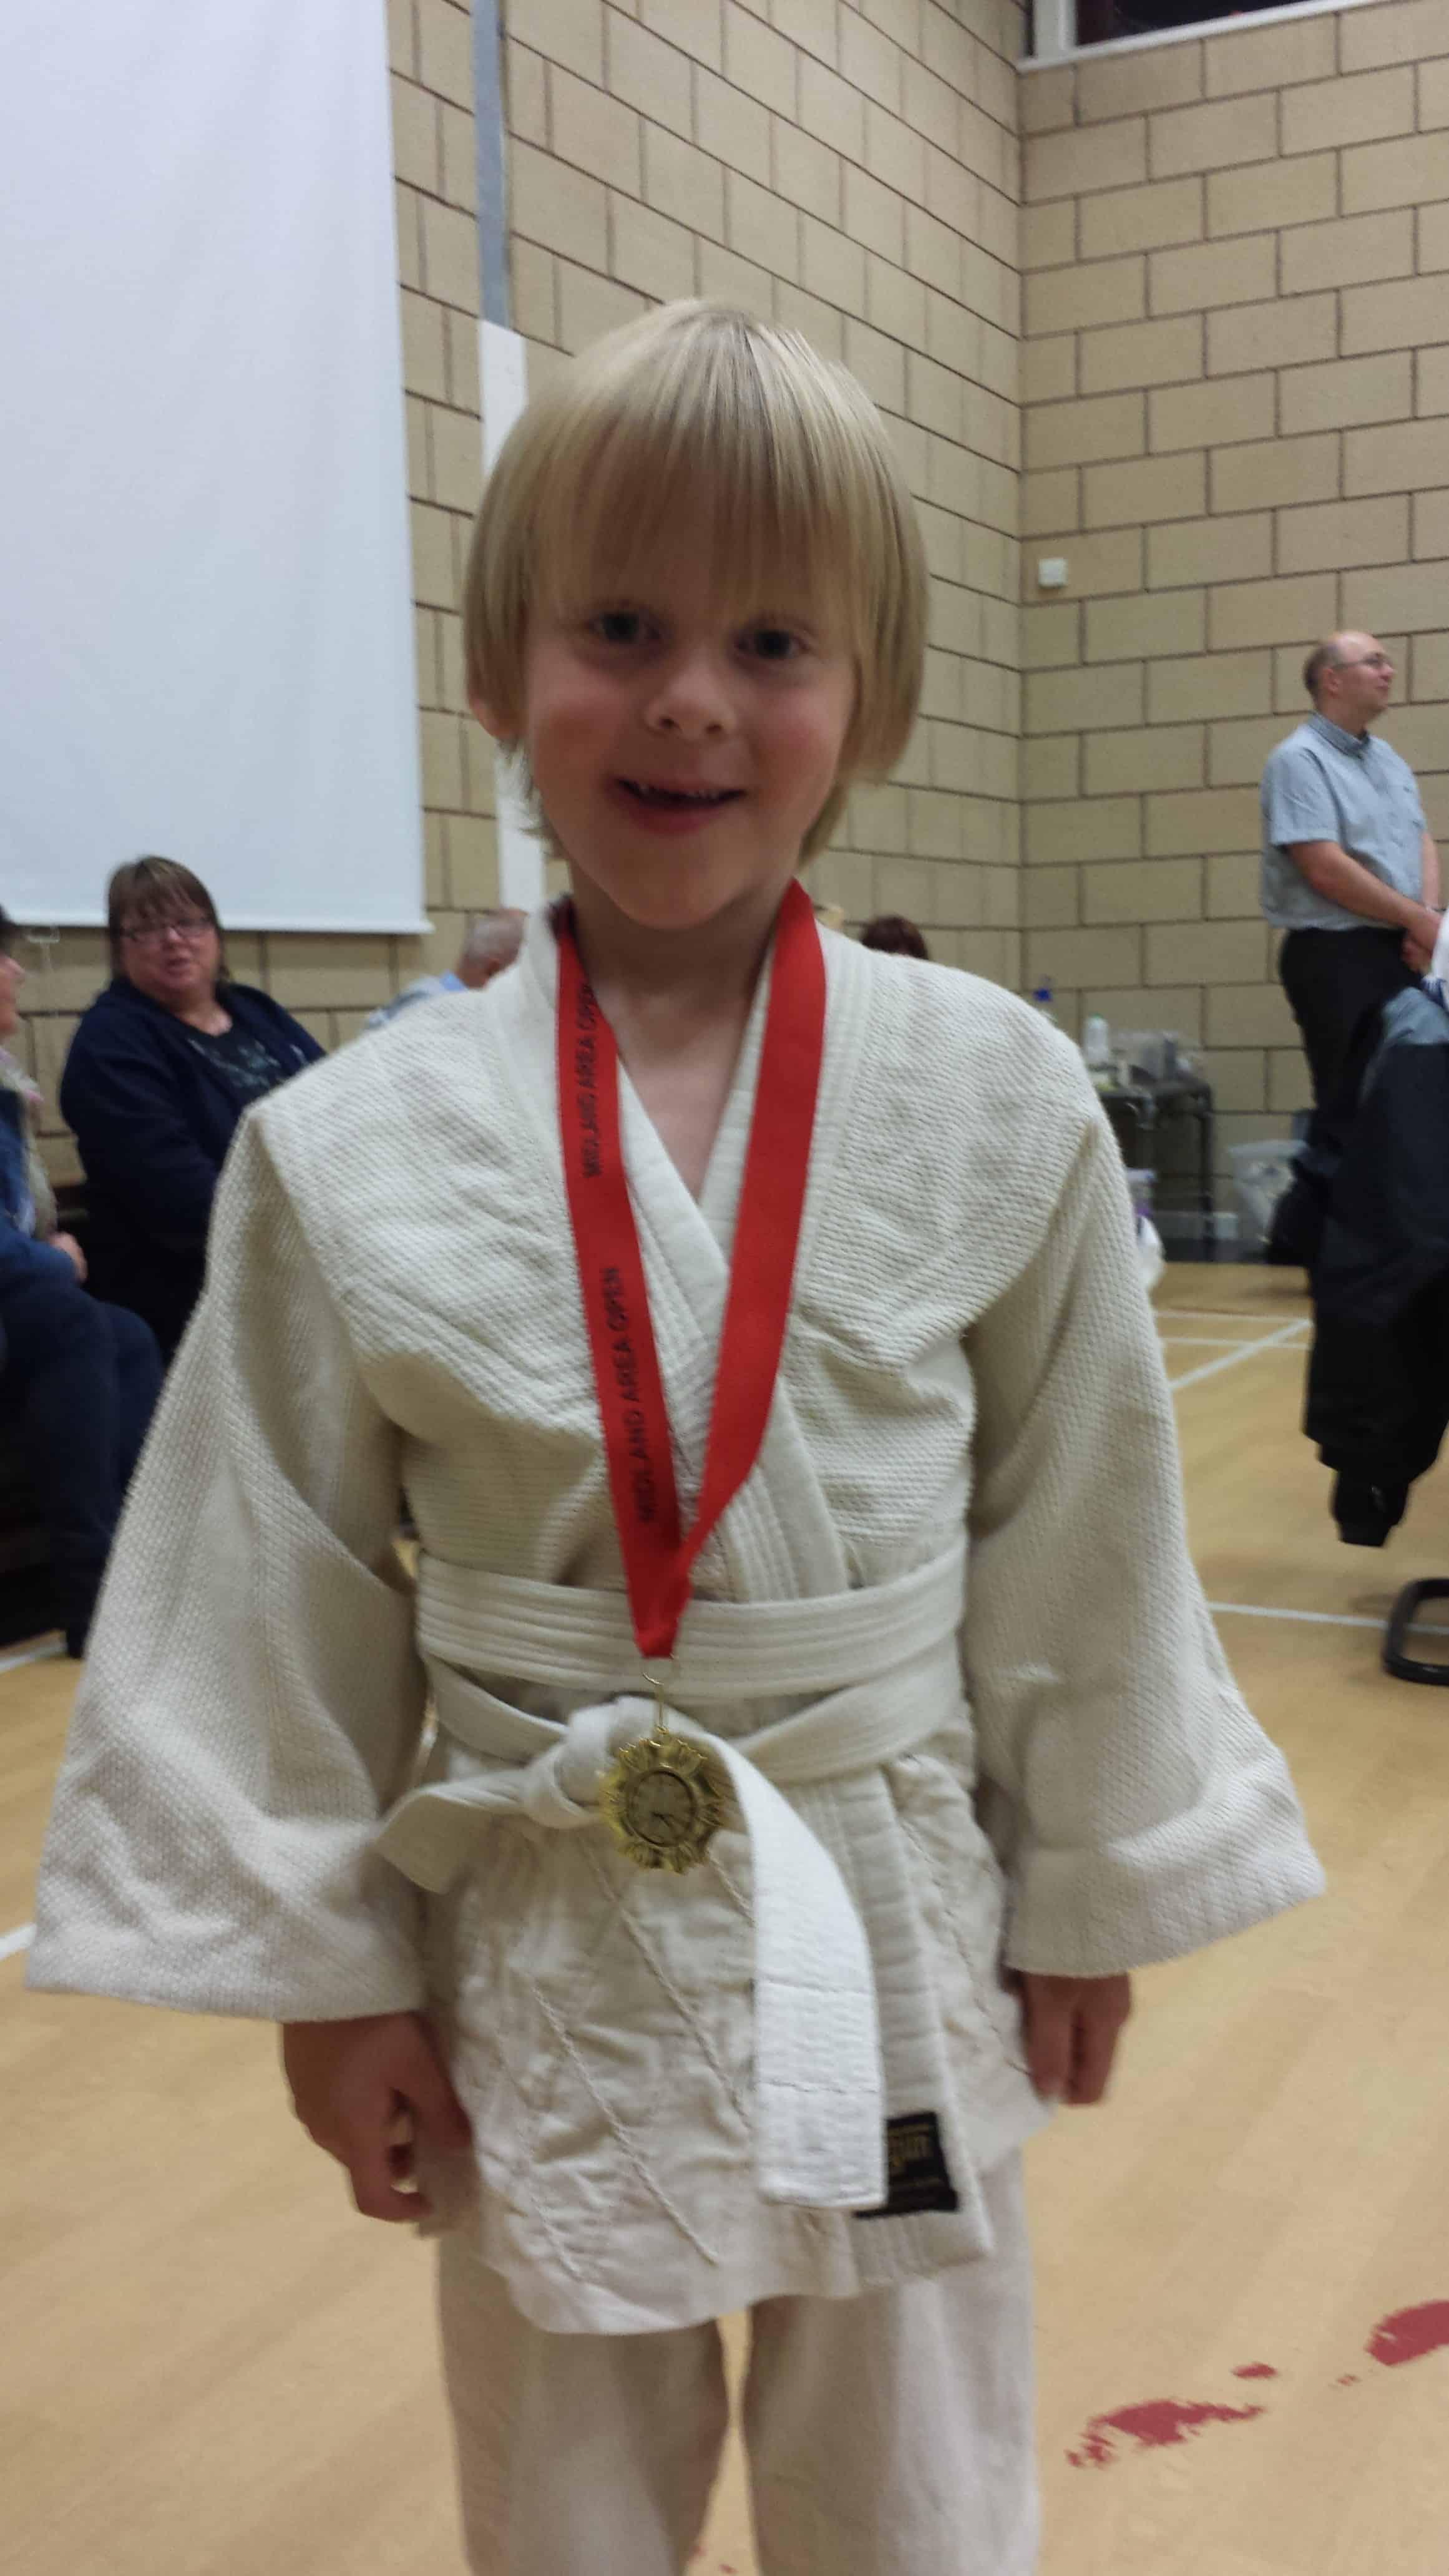 My Son at Judo